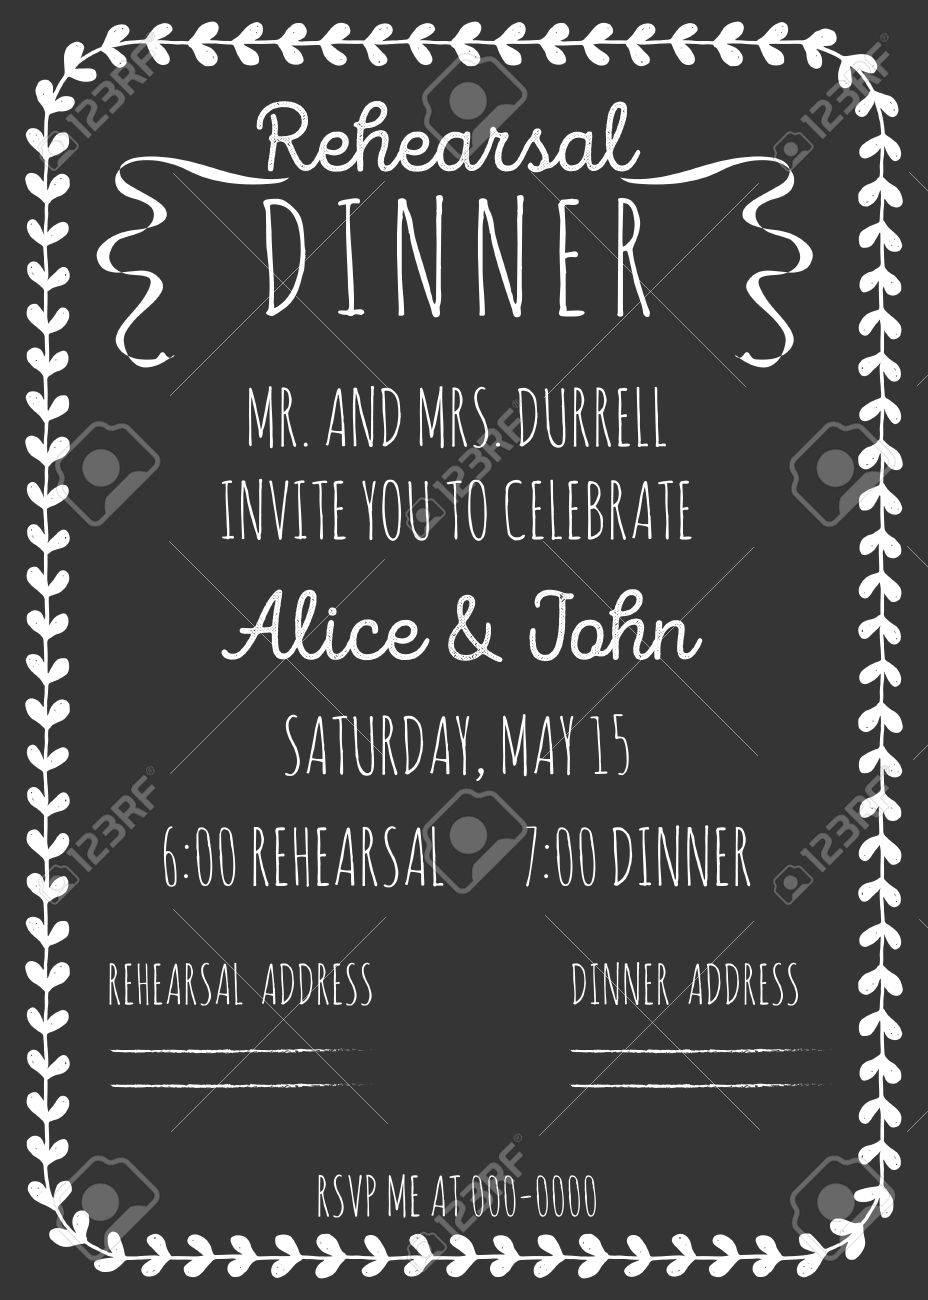 vintage wedding einladung. wiederholungs-abendessen-vorlage, Einladung